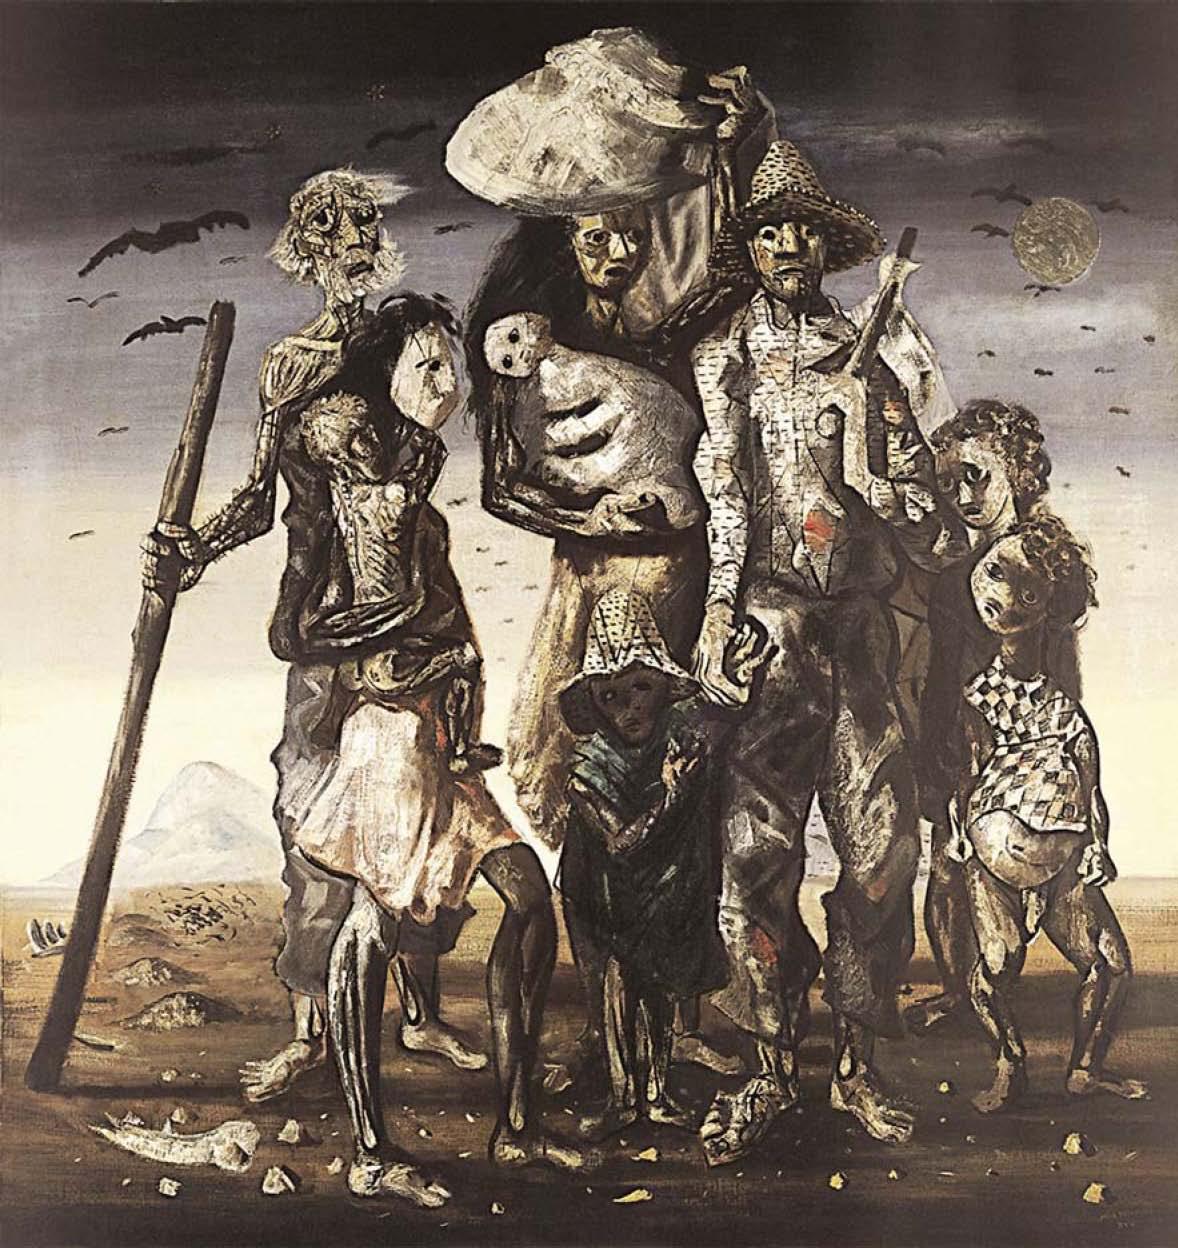 Quadro 'Os Retirantes', pintado em 1944 por Cândido Portinari retrata a fome dos nordestinos. (Reprodução)